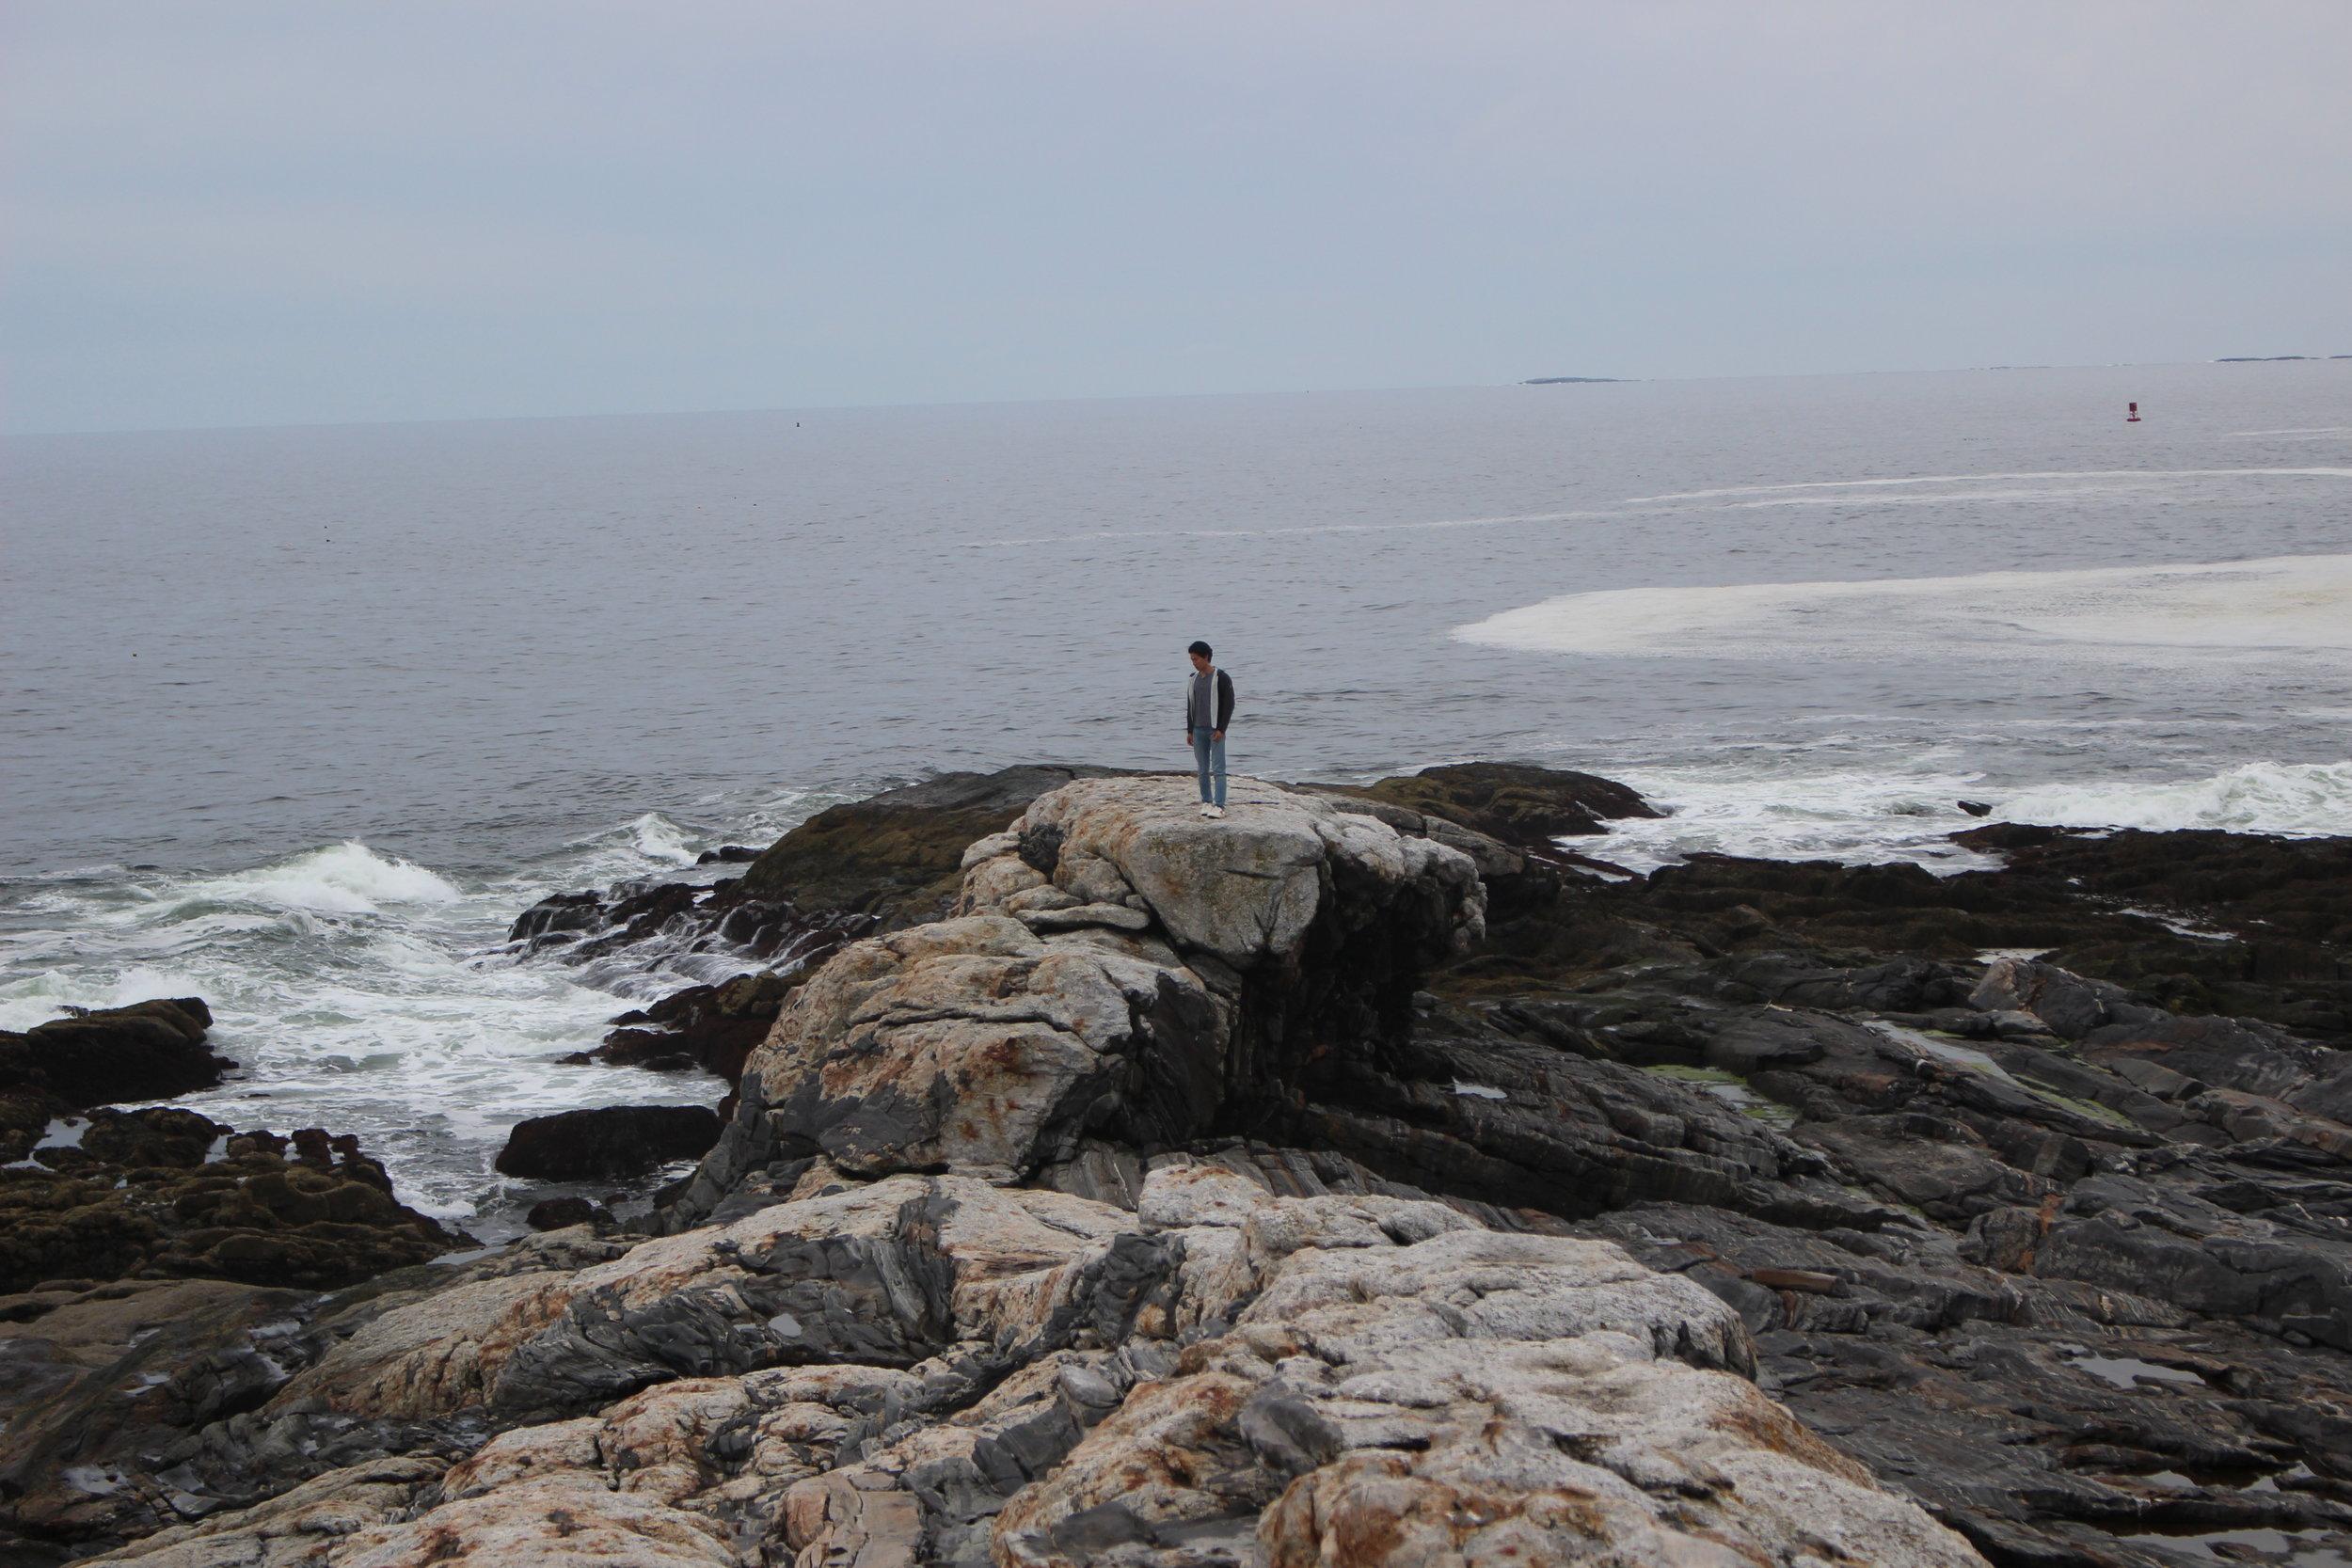 Robert ('20) enjoys the sea breeze